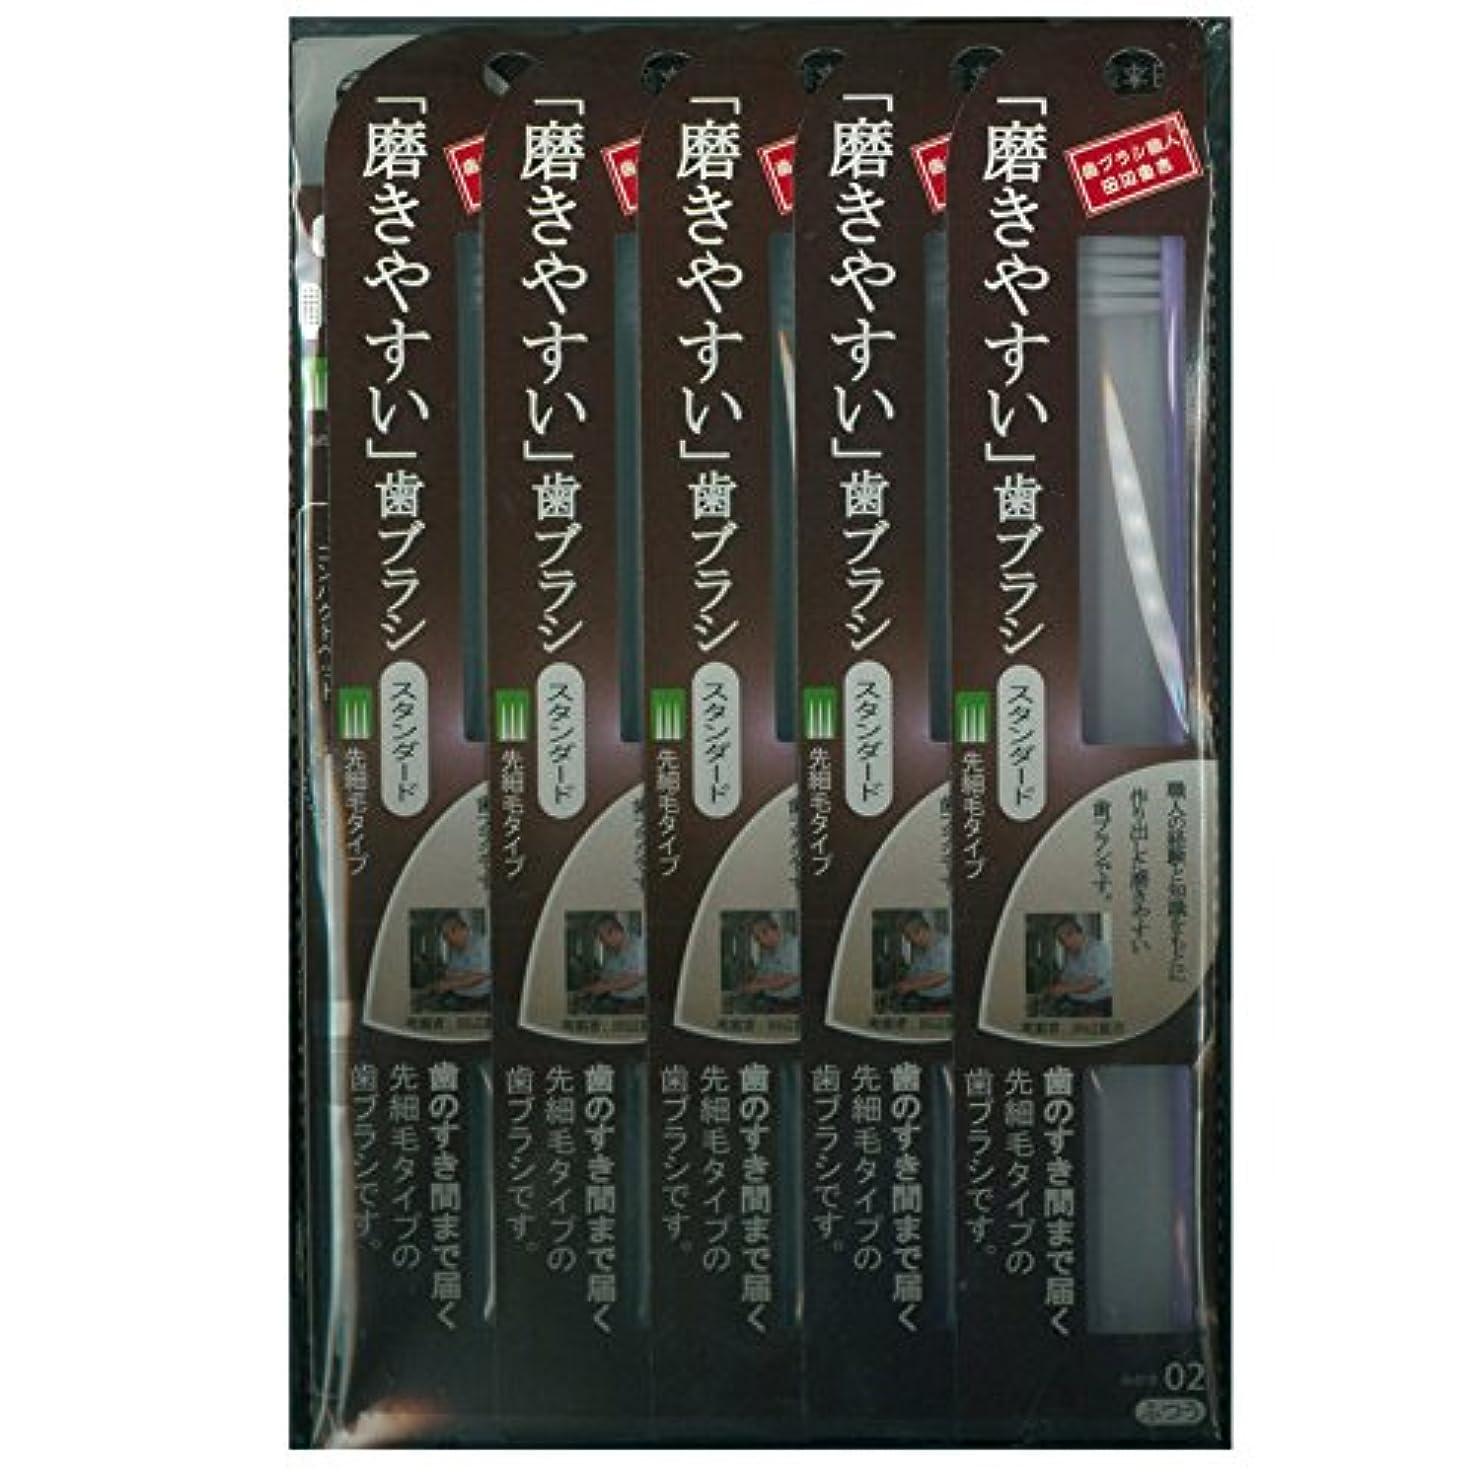 流行している付録浸食磨きやすい歯ブラシ先細 LT-02×12本セット( ピンク×4本、ブルー×4本、グリーン×2本、パープル×2本)